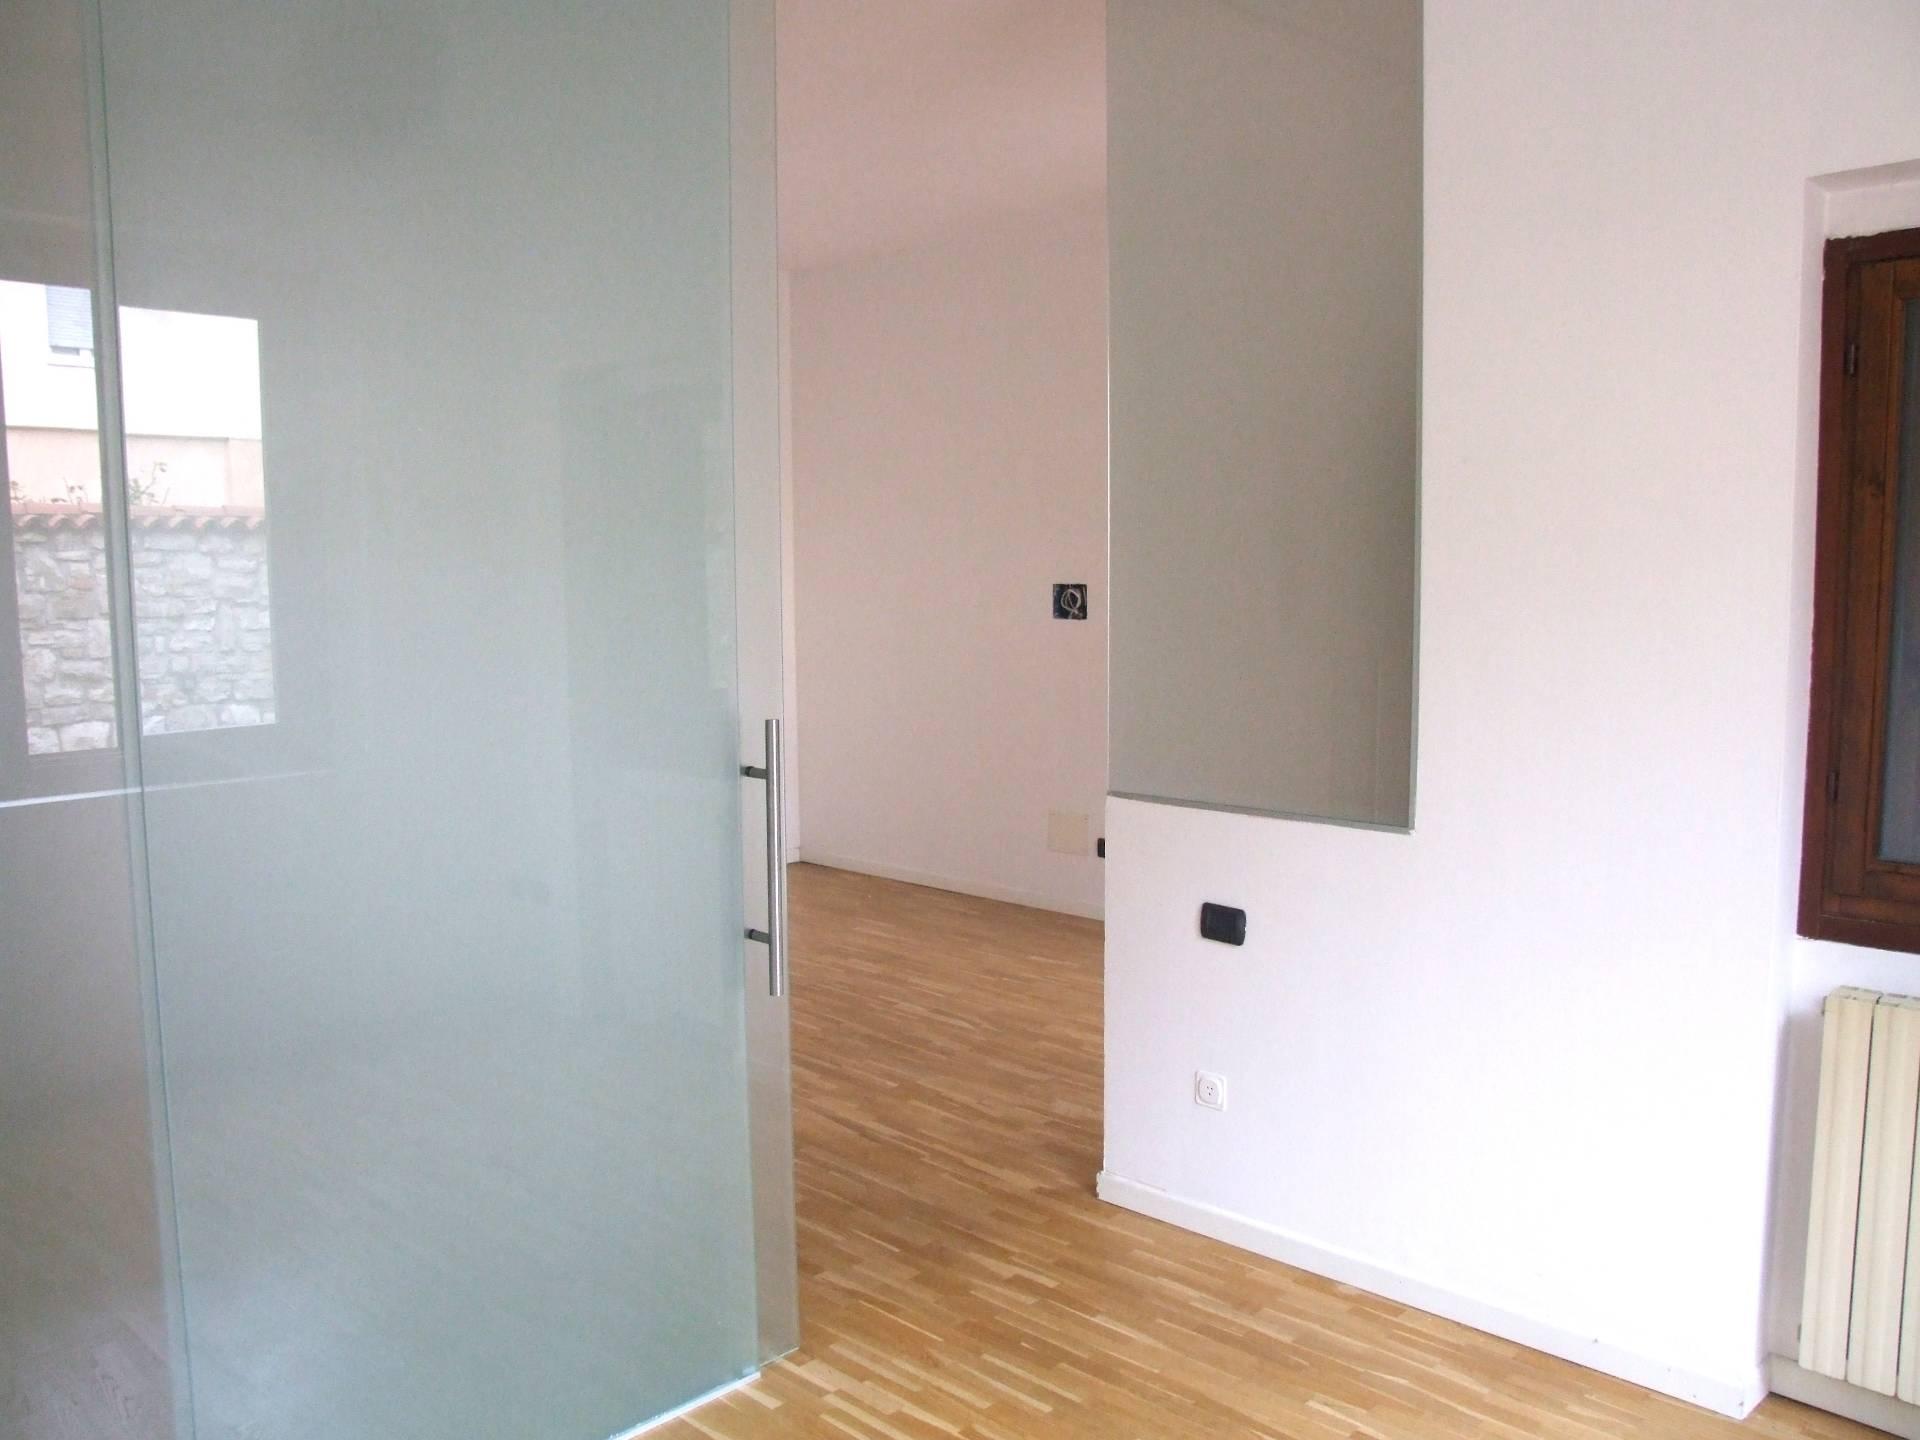 Appartamento in vendita a Botticino, 2 locali, zona Località: BotticinoSera, prezzo € 110.000 | CambioCasa.it